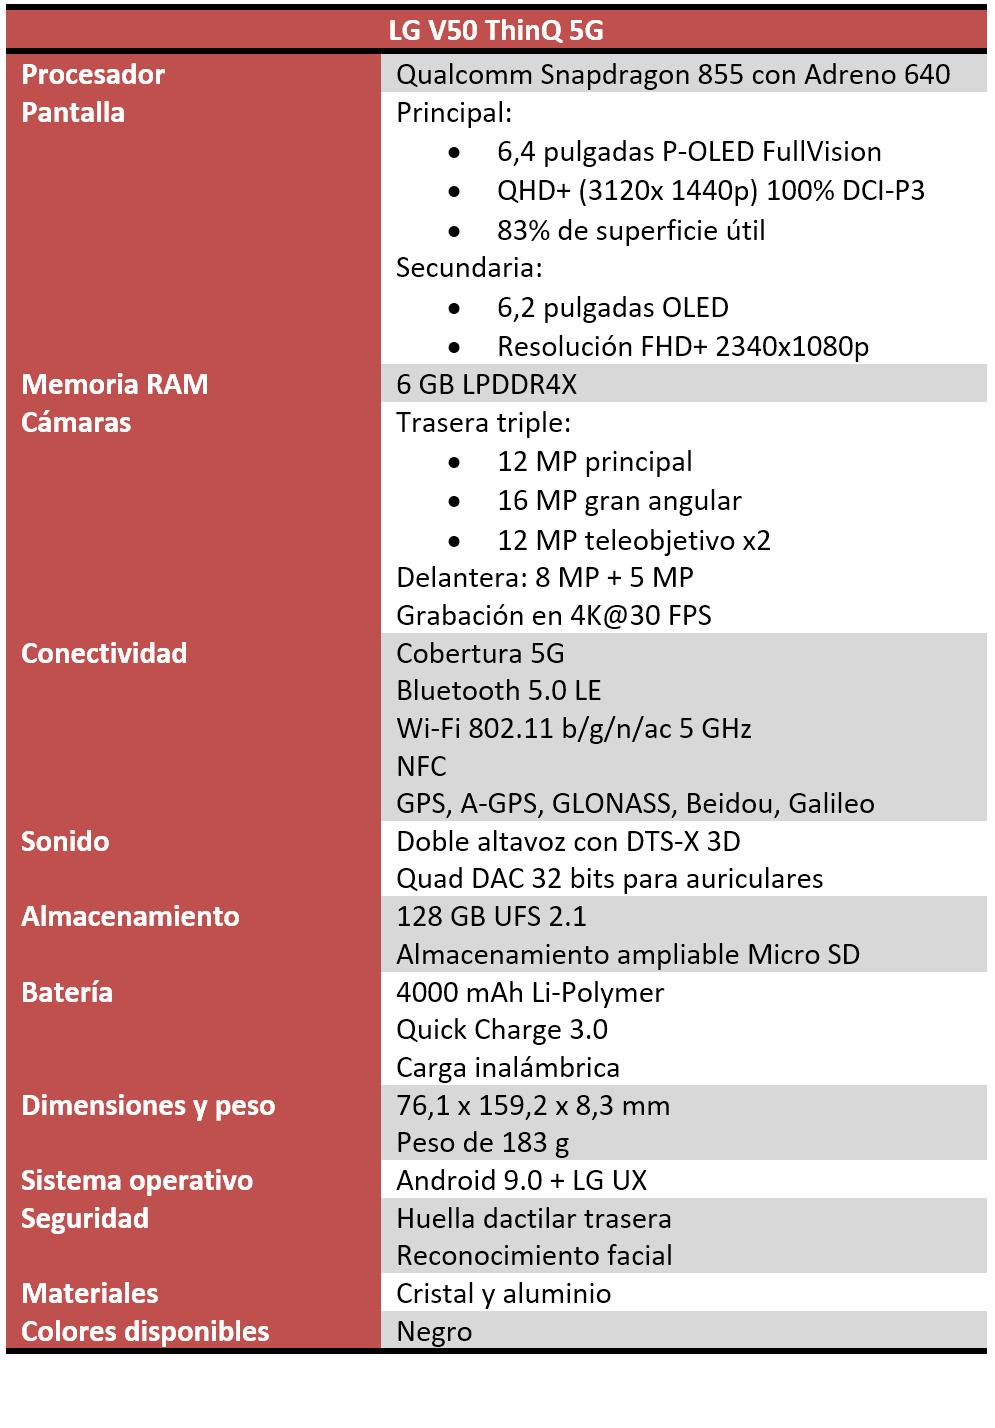 LG V50 ThinQ 5G características